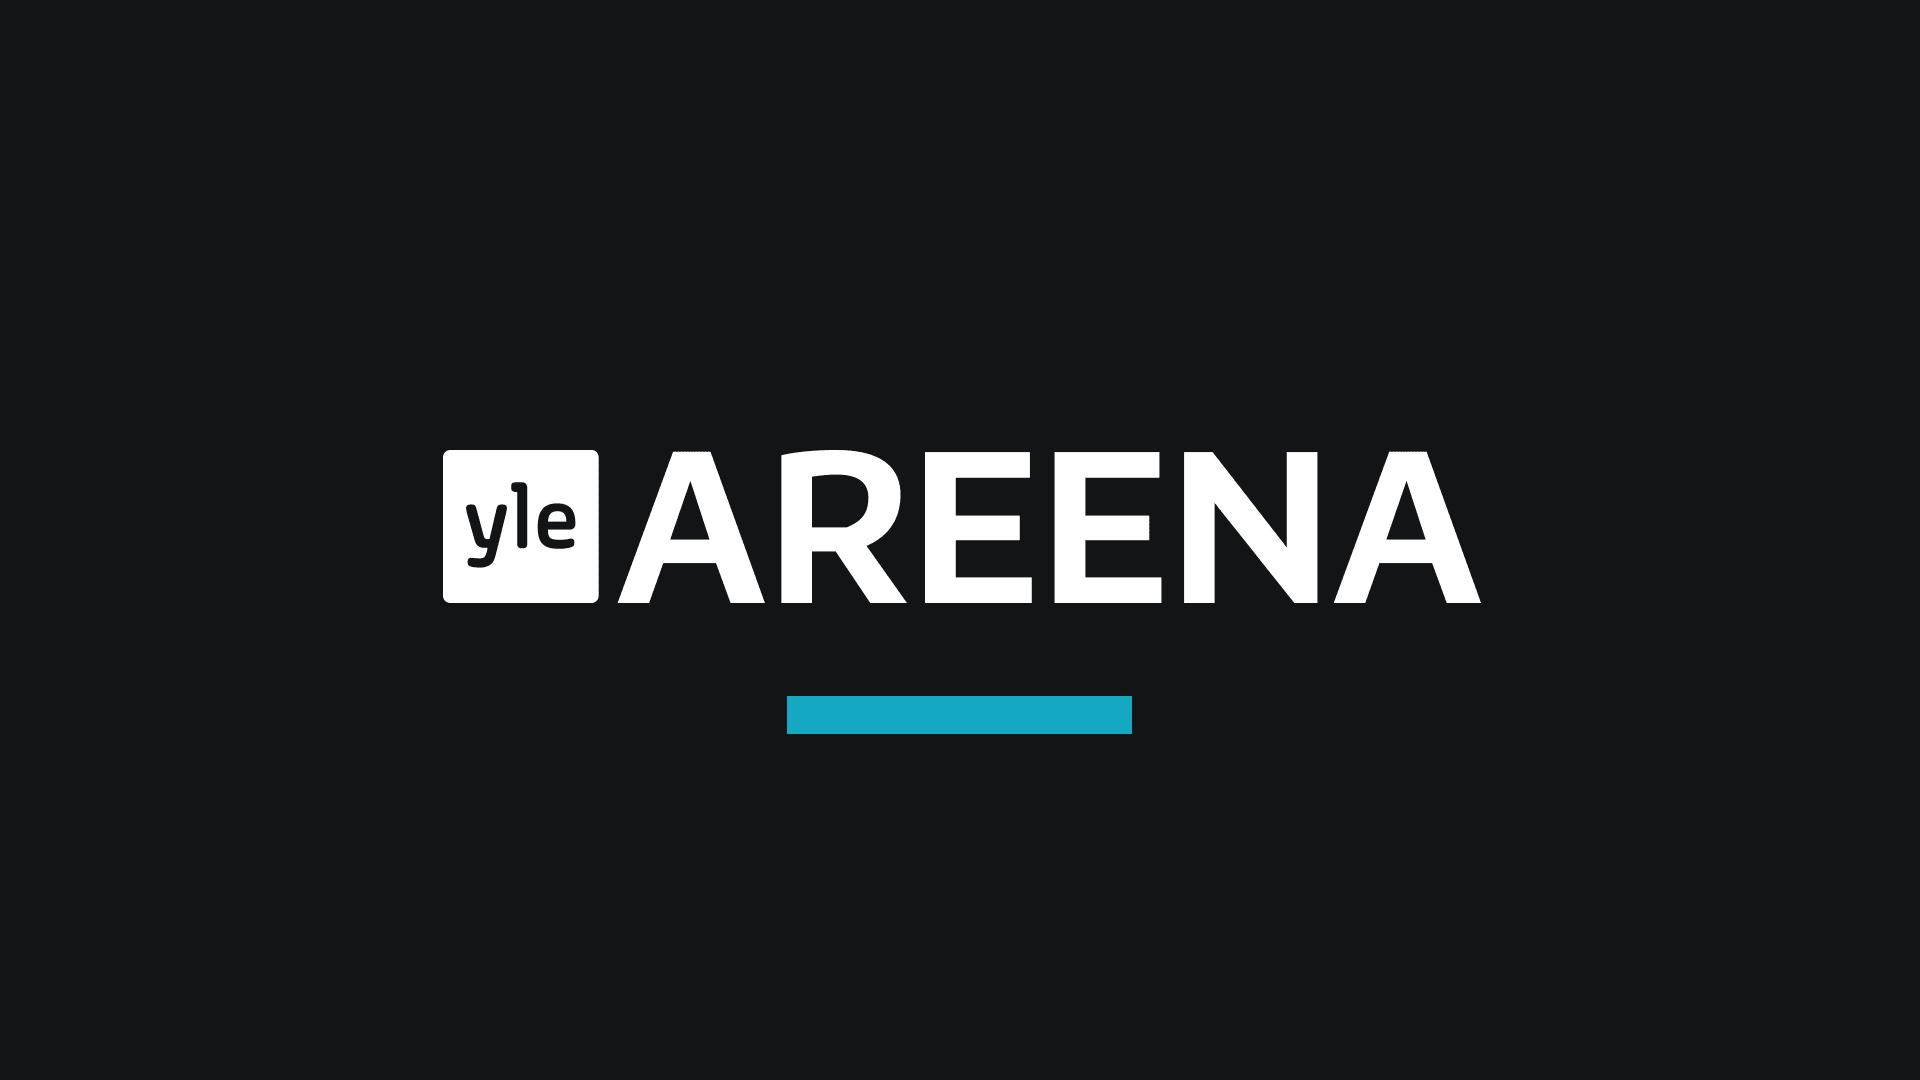 Yle Areena Euroviisut